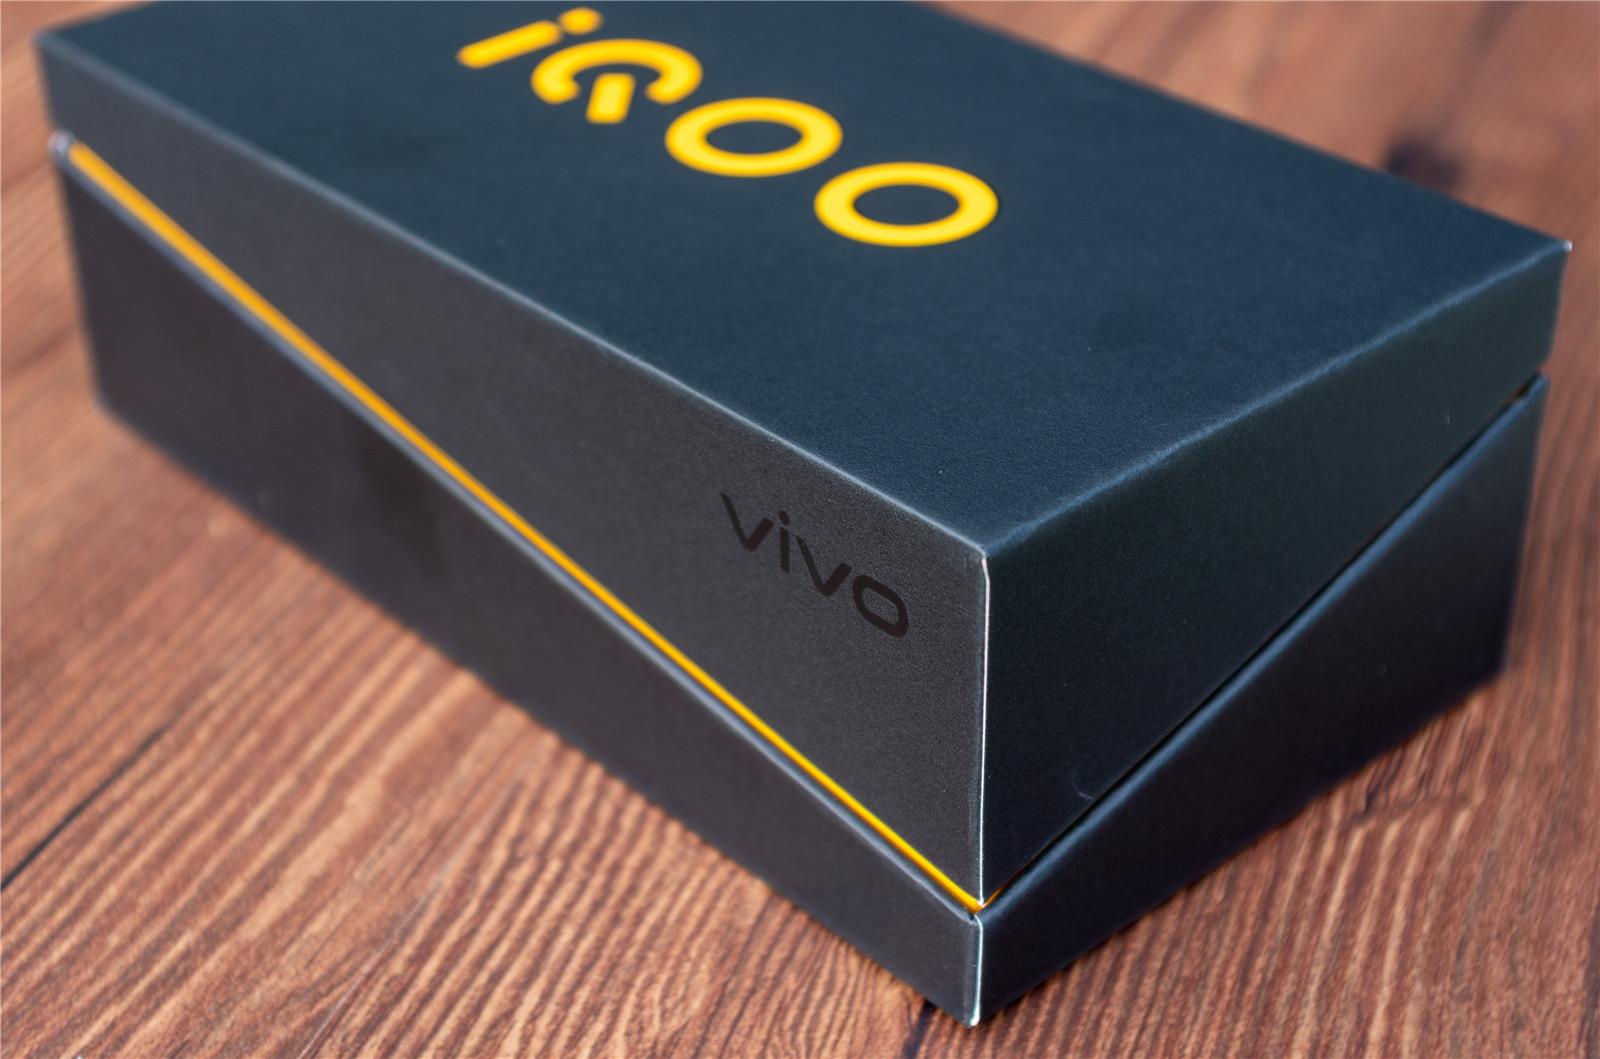 iQOO Neo评测:千元用上旗舰芯 1798元真香